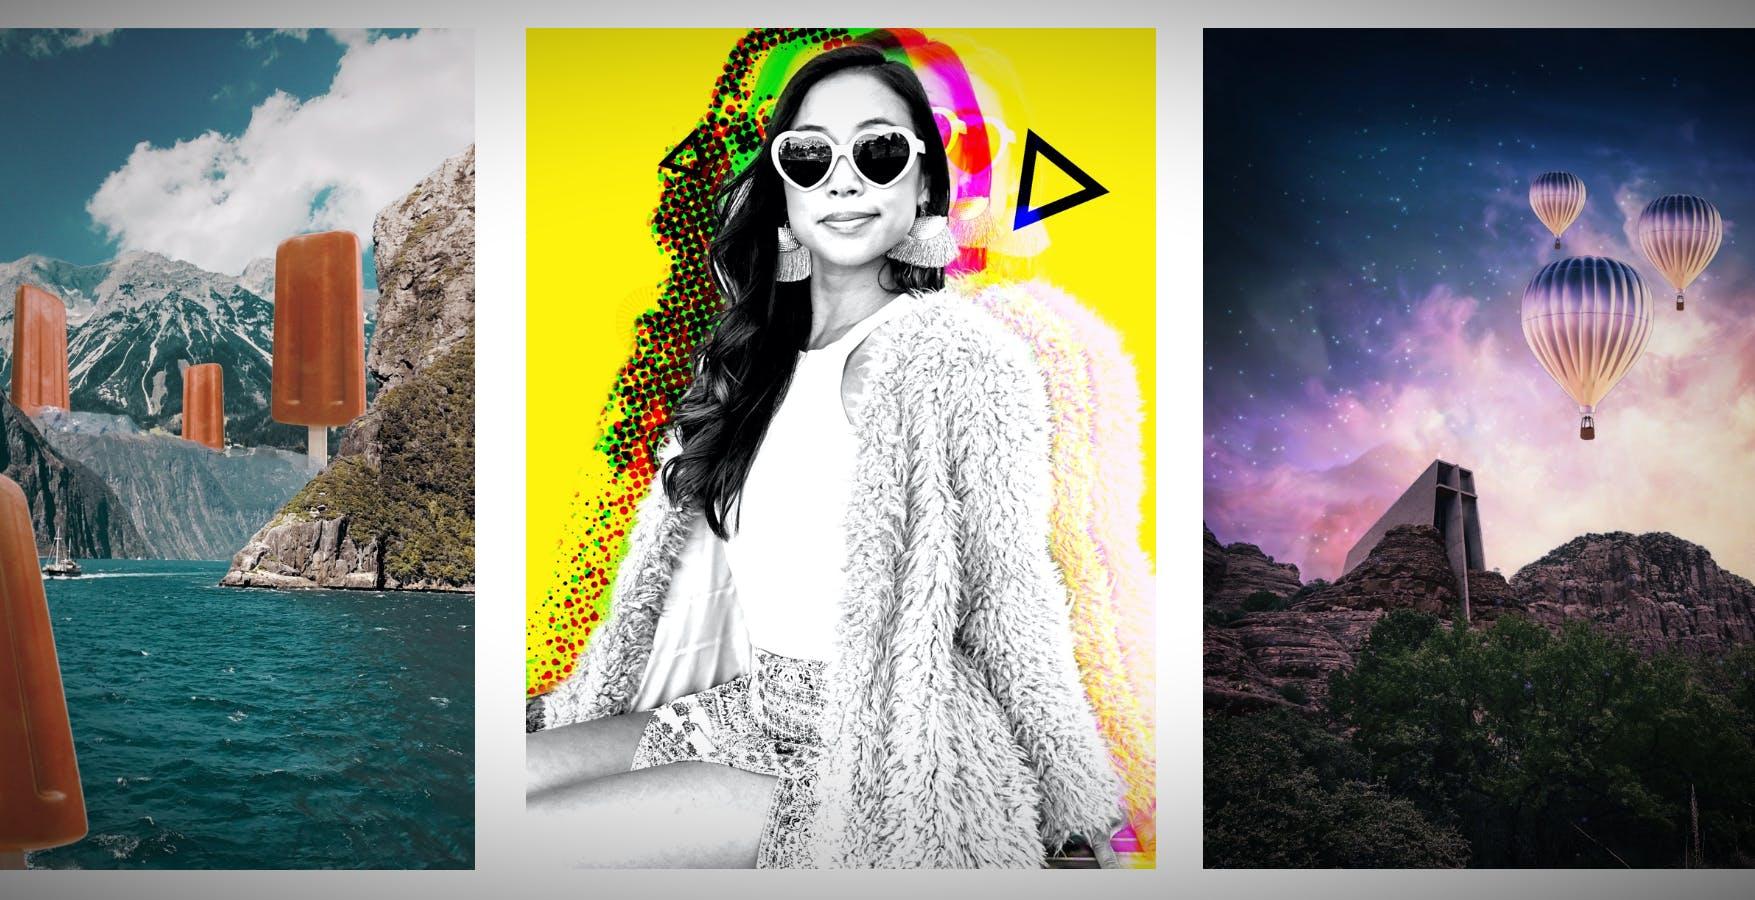 Scatta, aggiungi un filtro e condividi: Photoshop Camera arriva su iOS e Android